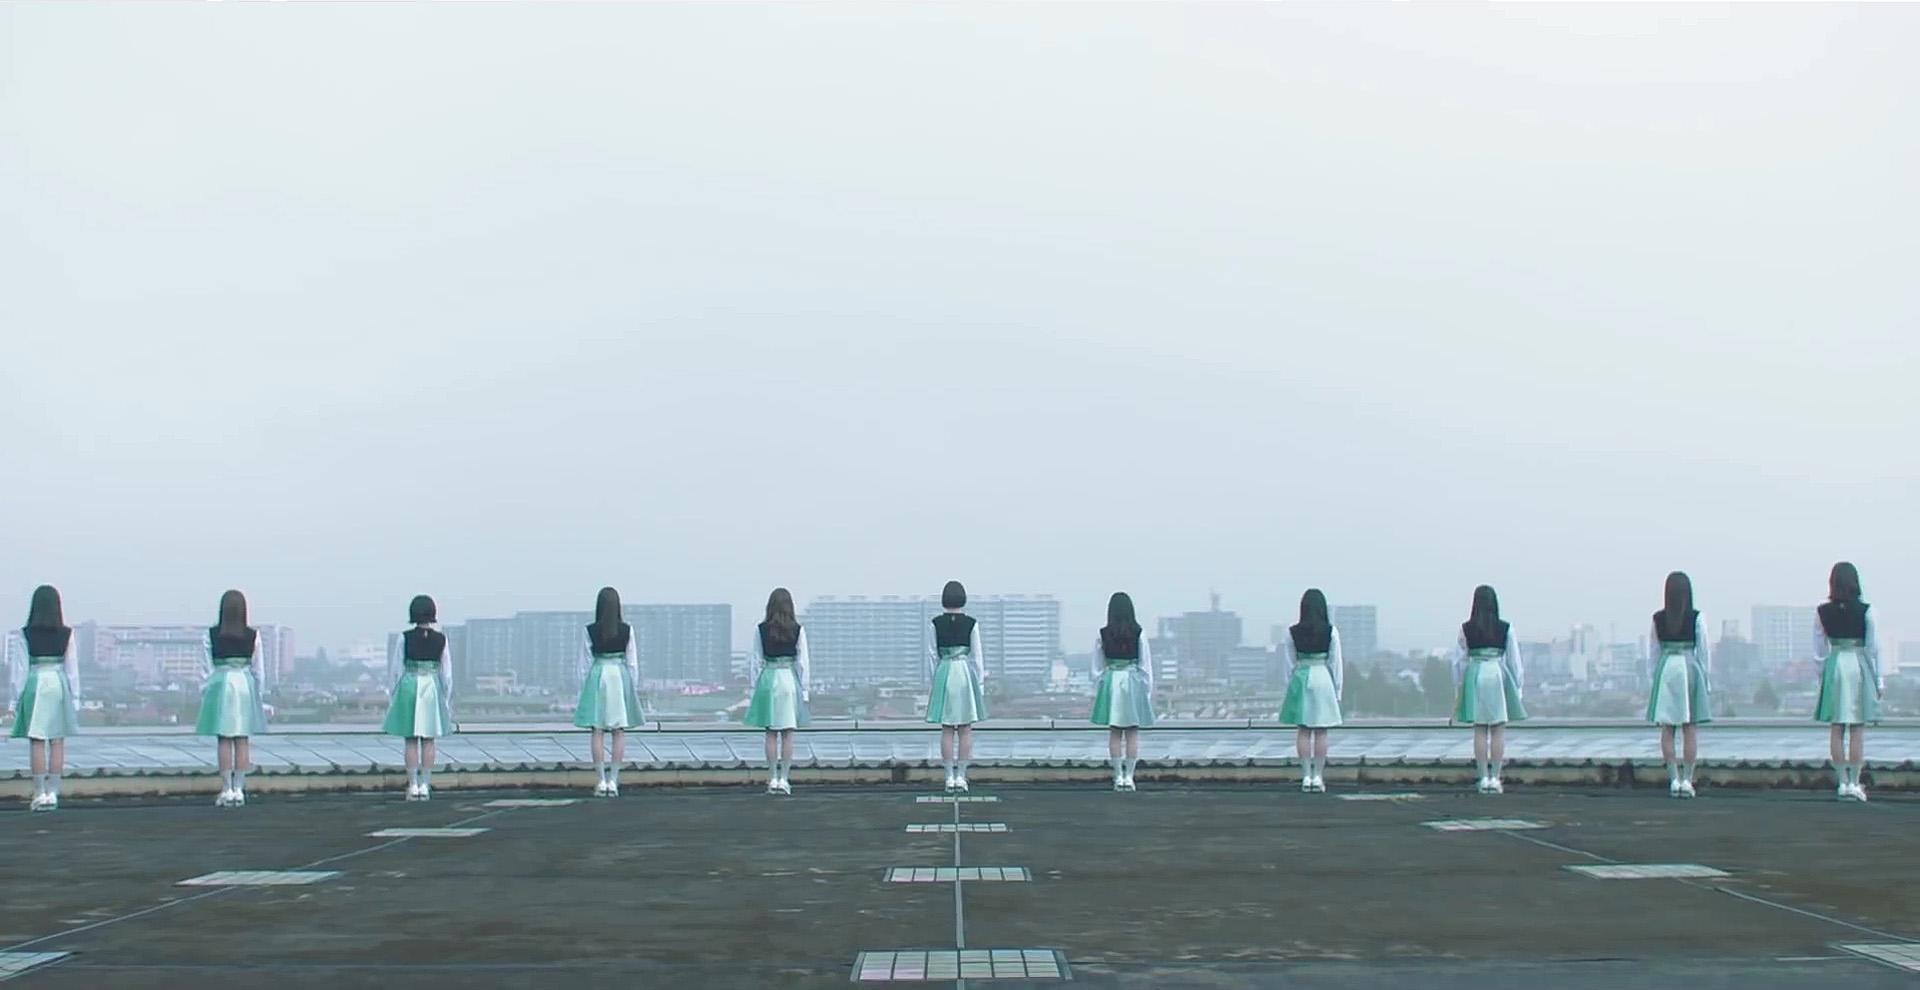 けやき坂46: Fumi Diary 2号店 : 欅坂46 を含む記事